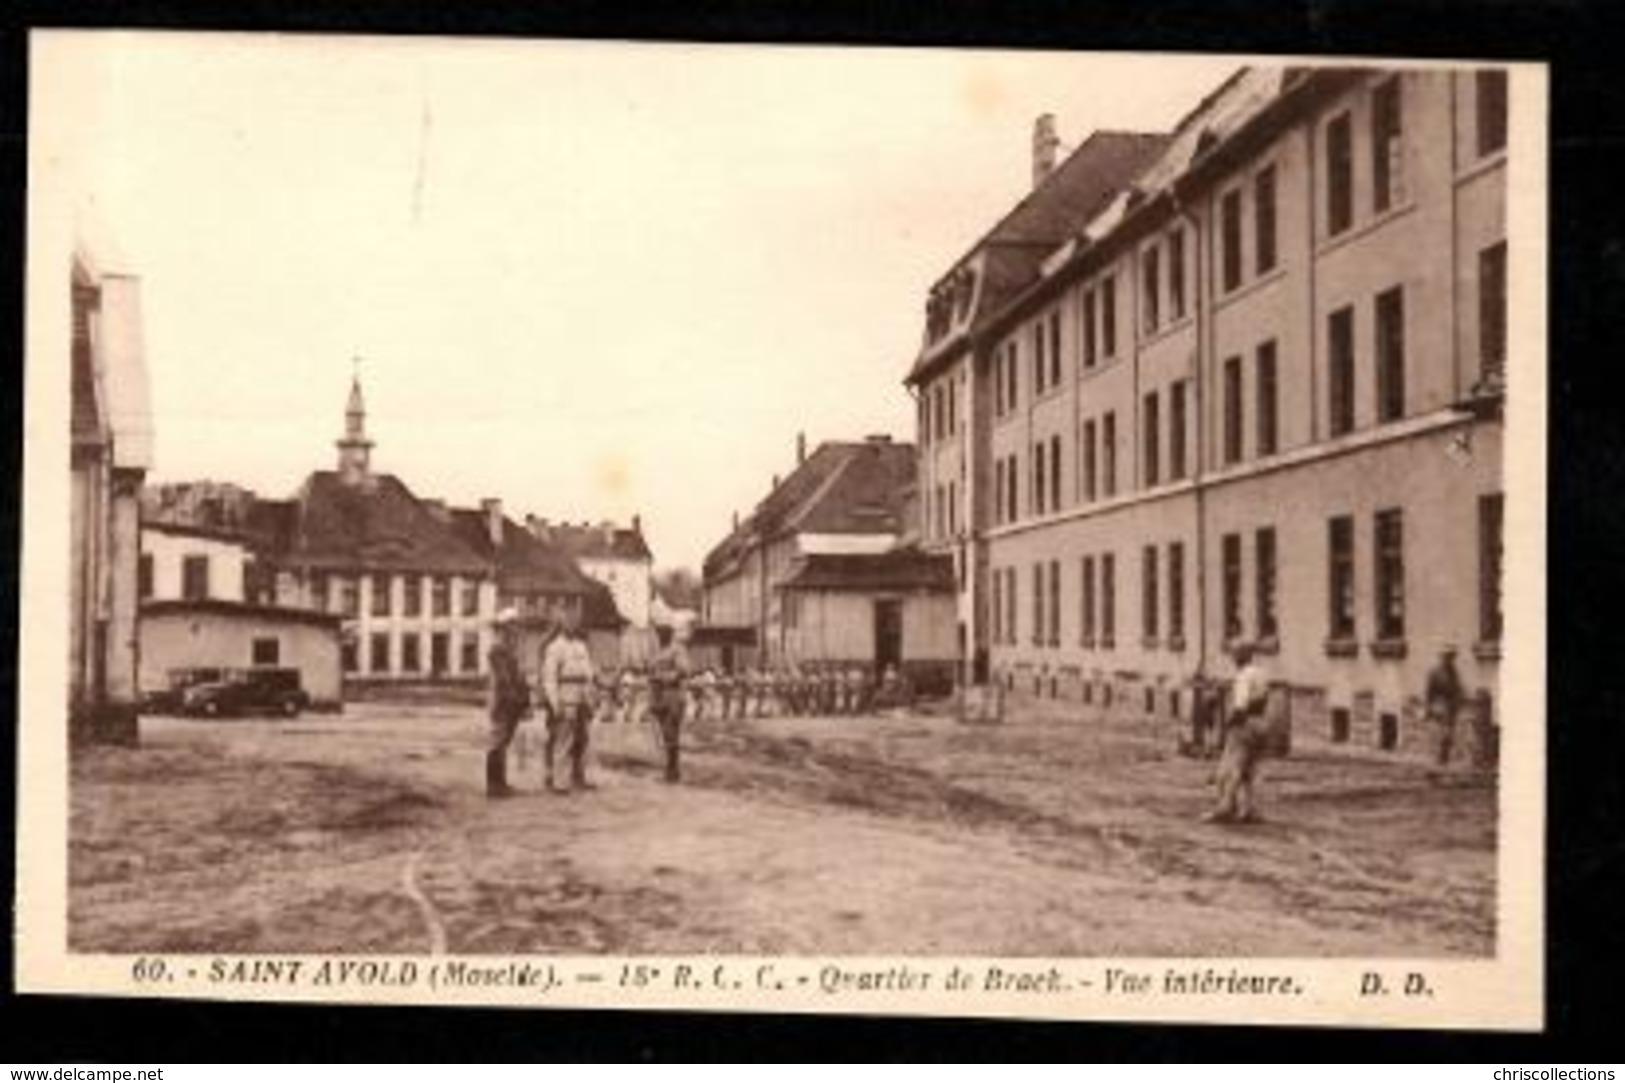 57 - SAINT AVOLD (Moselle) - Quartier De Brack - Vue Intérieur - 18e R.C.C. - Saint-Avold